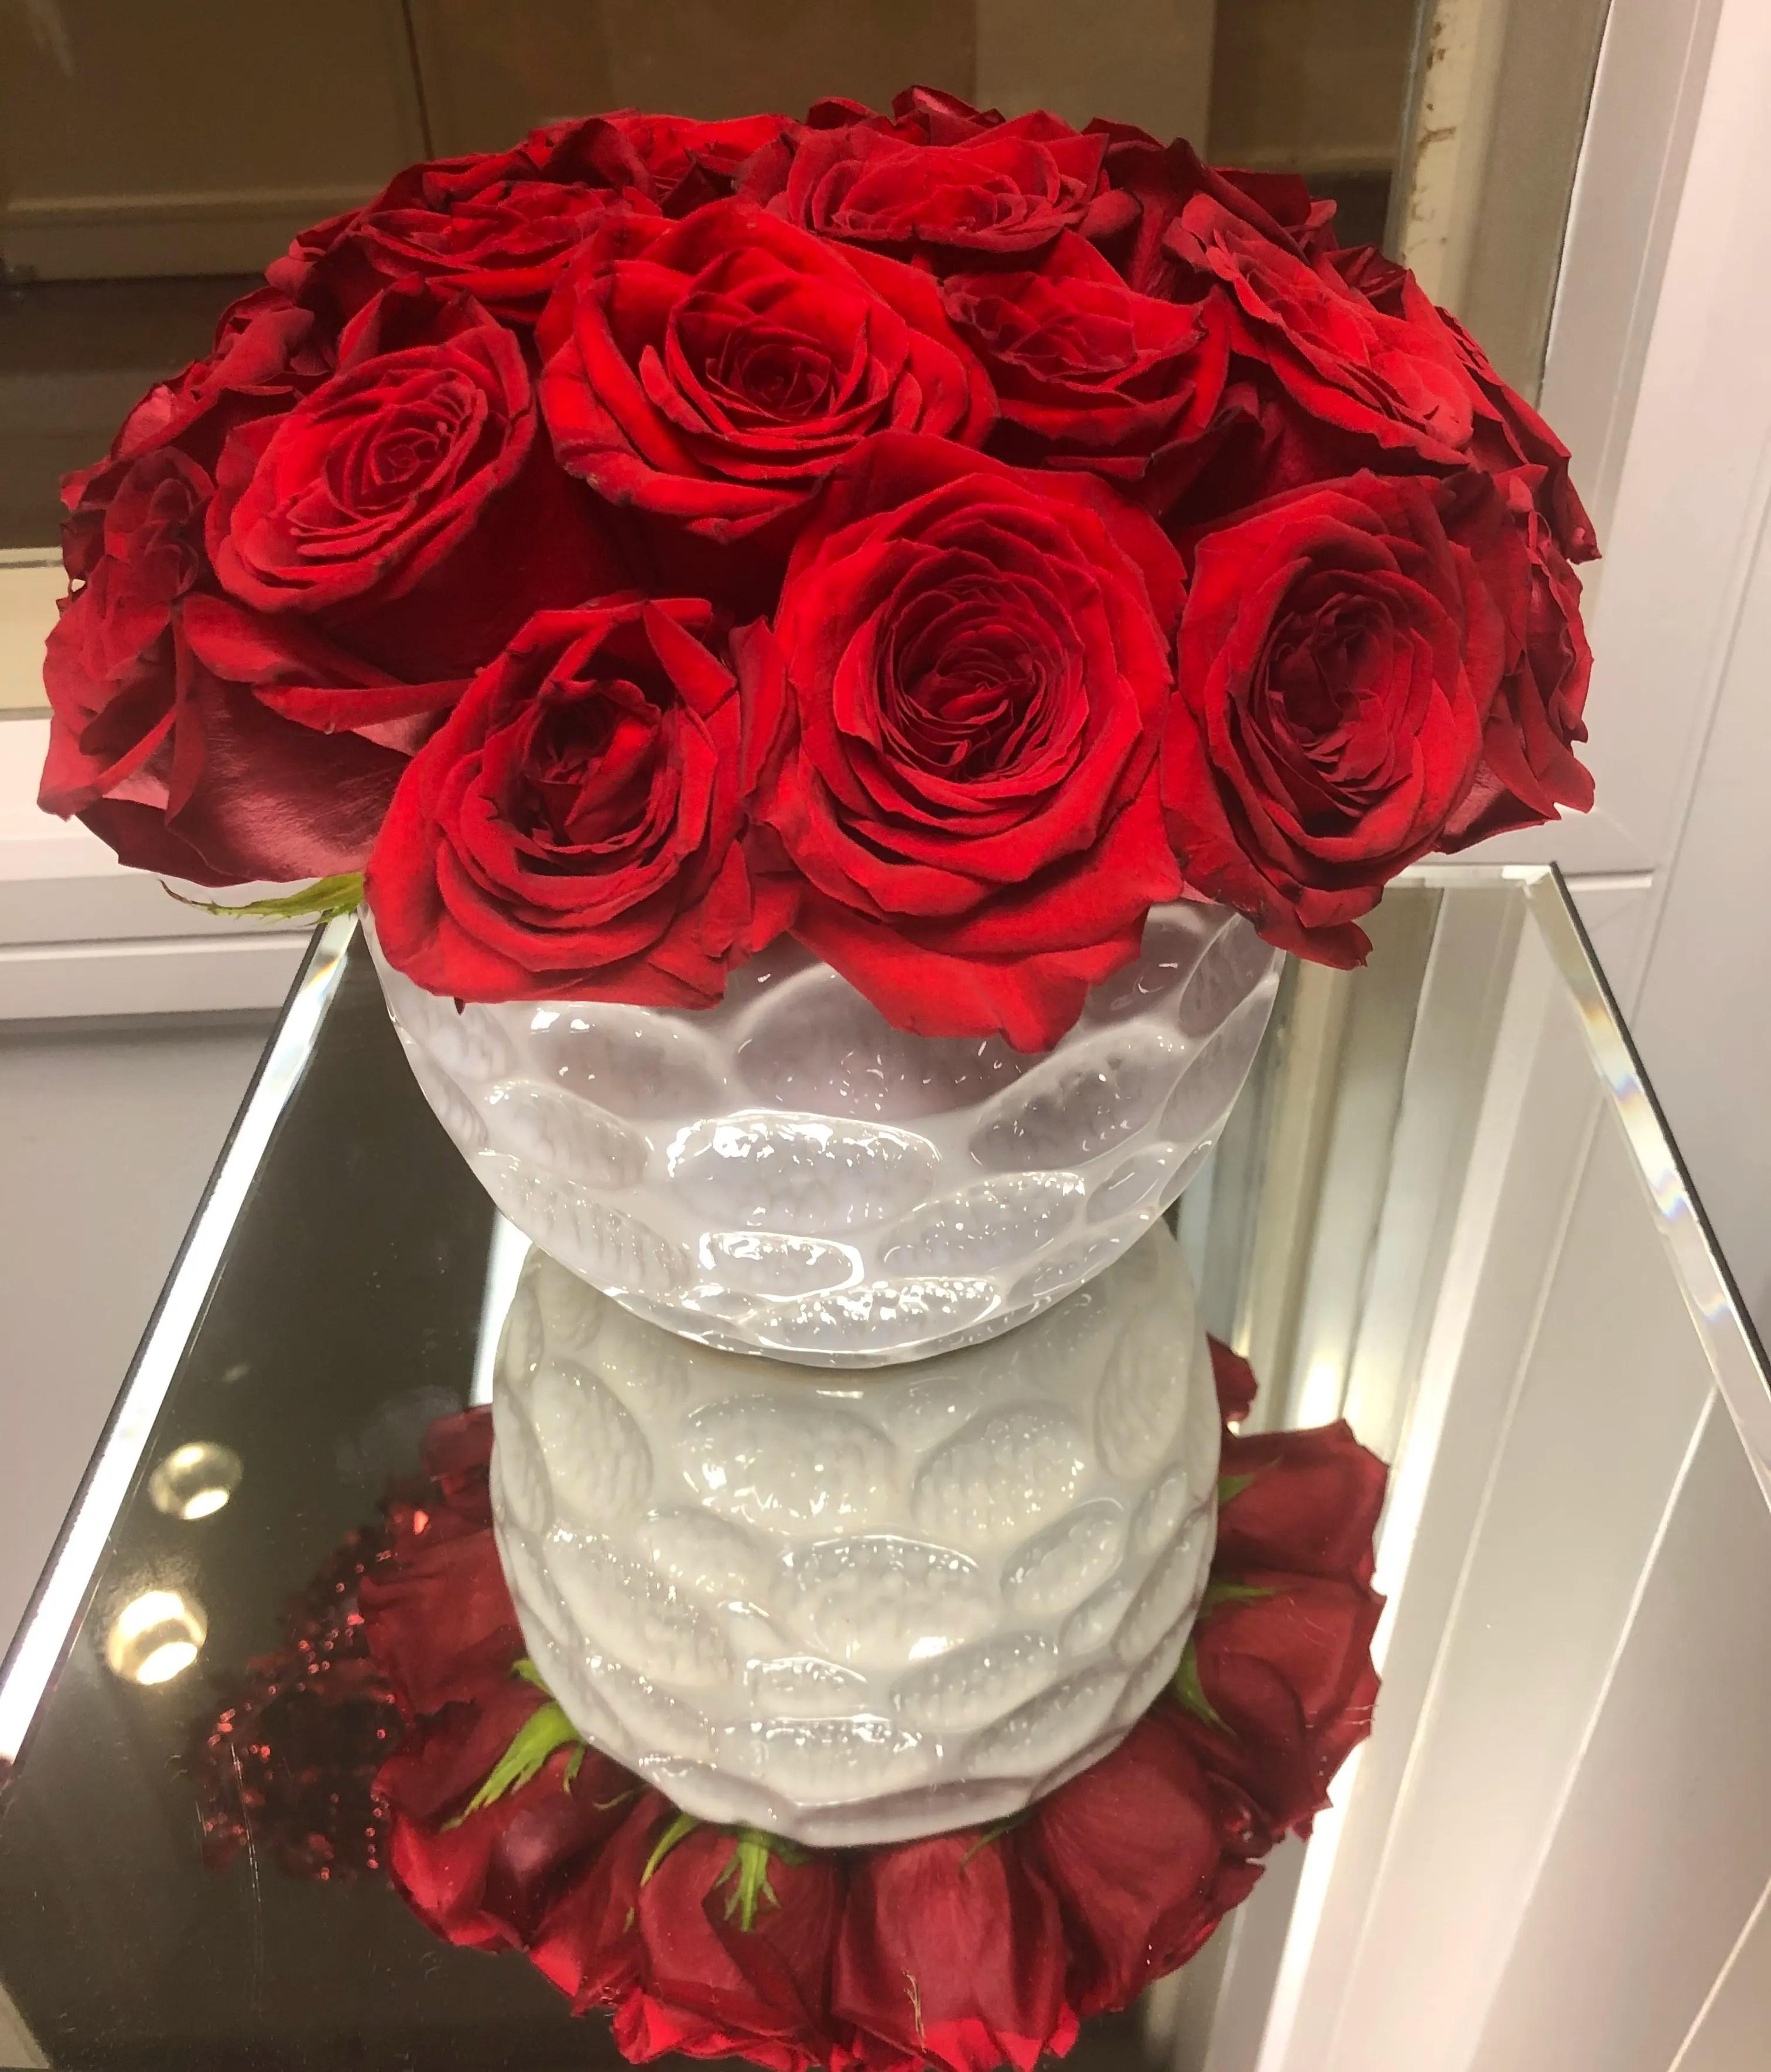 lovely red rose in